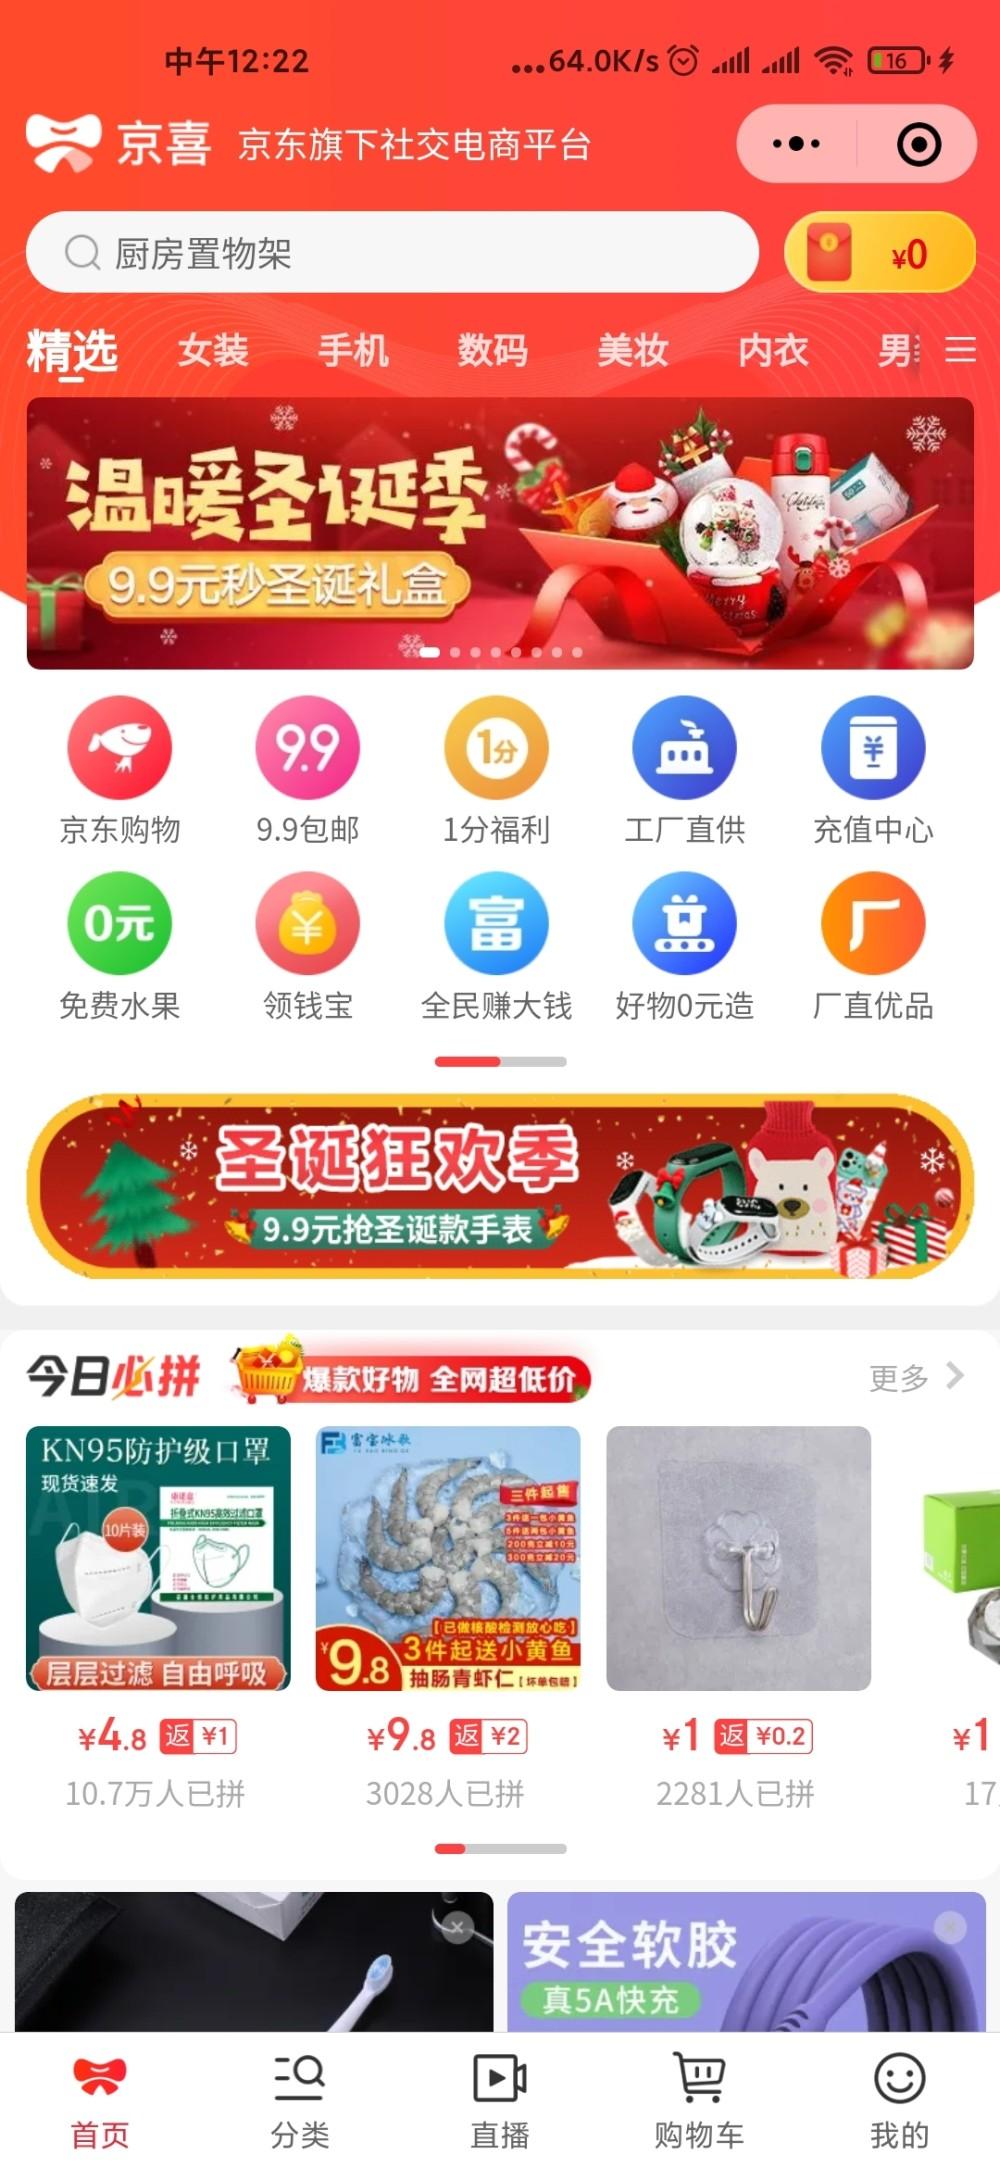 图片[4]-[撸实物]京喜一分购物-飞享资源网